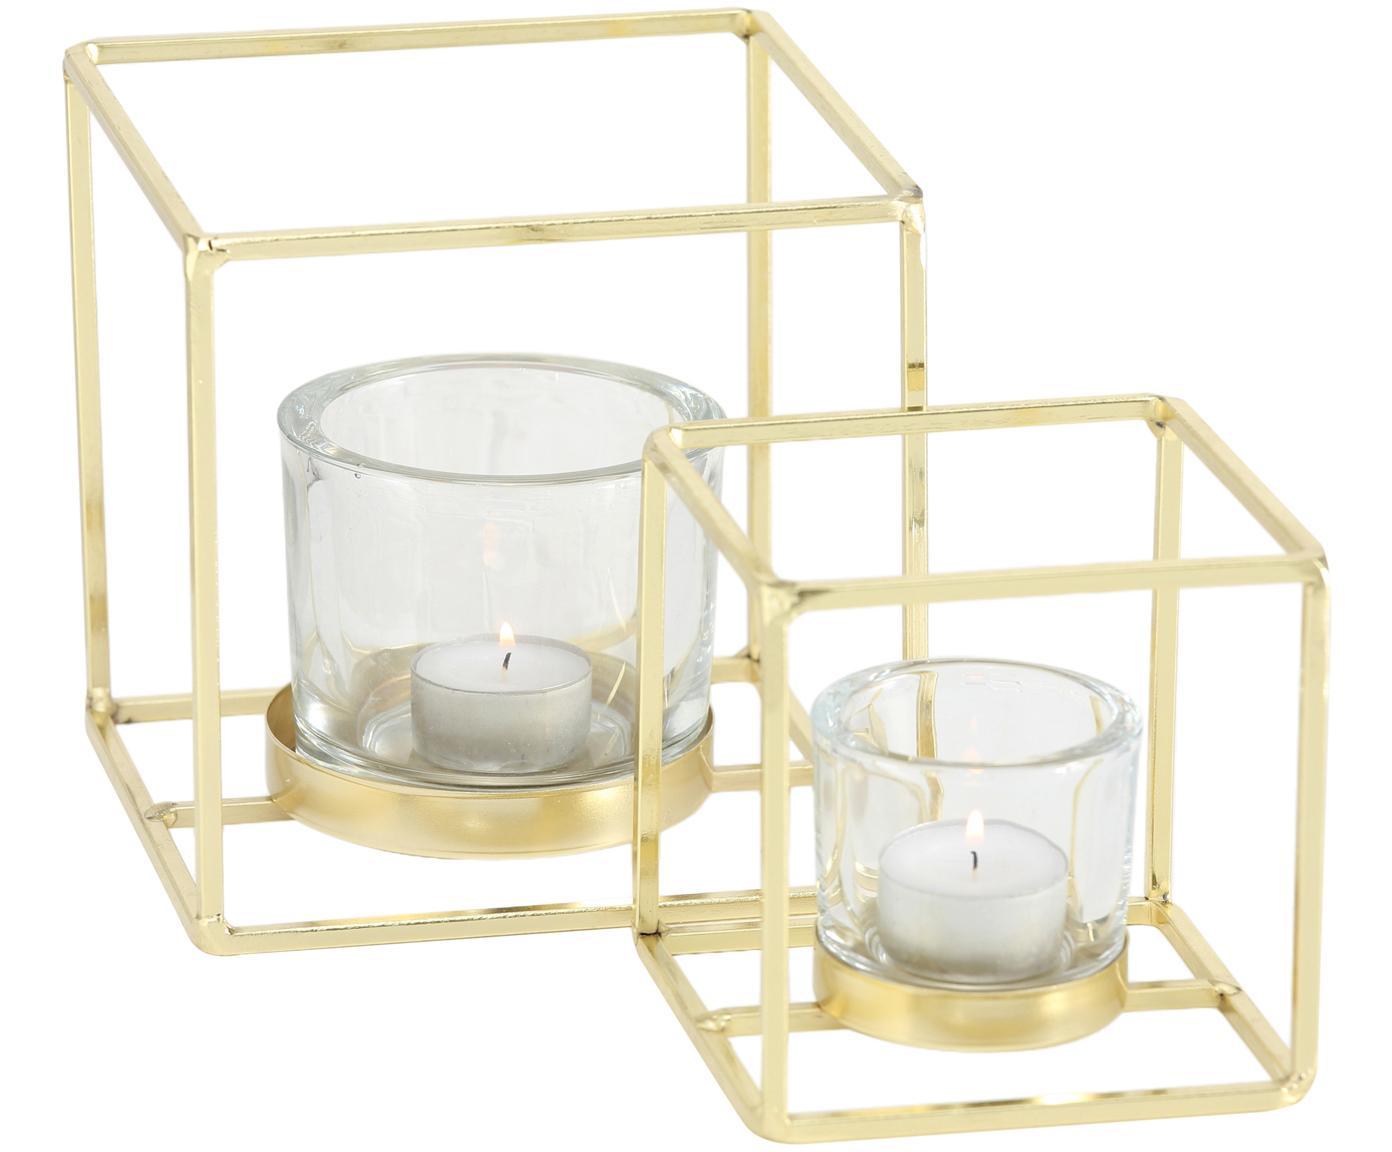 Teelichthalter-Set Pazo, 2-tlg., Windlicht: Glas, Gestell: Metall, beschichtet, Transparent, Messingfarben, Verschiedene Grössen